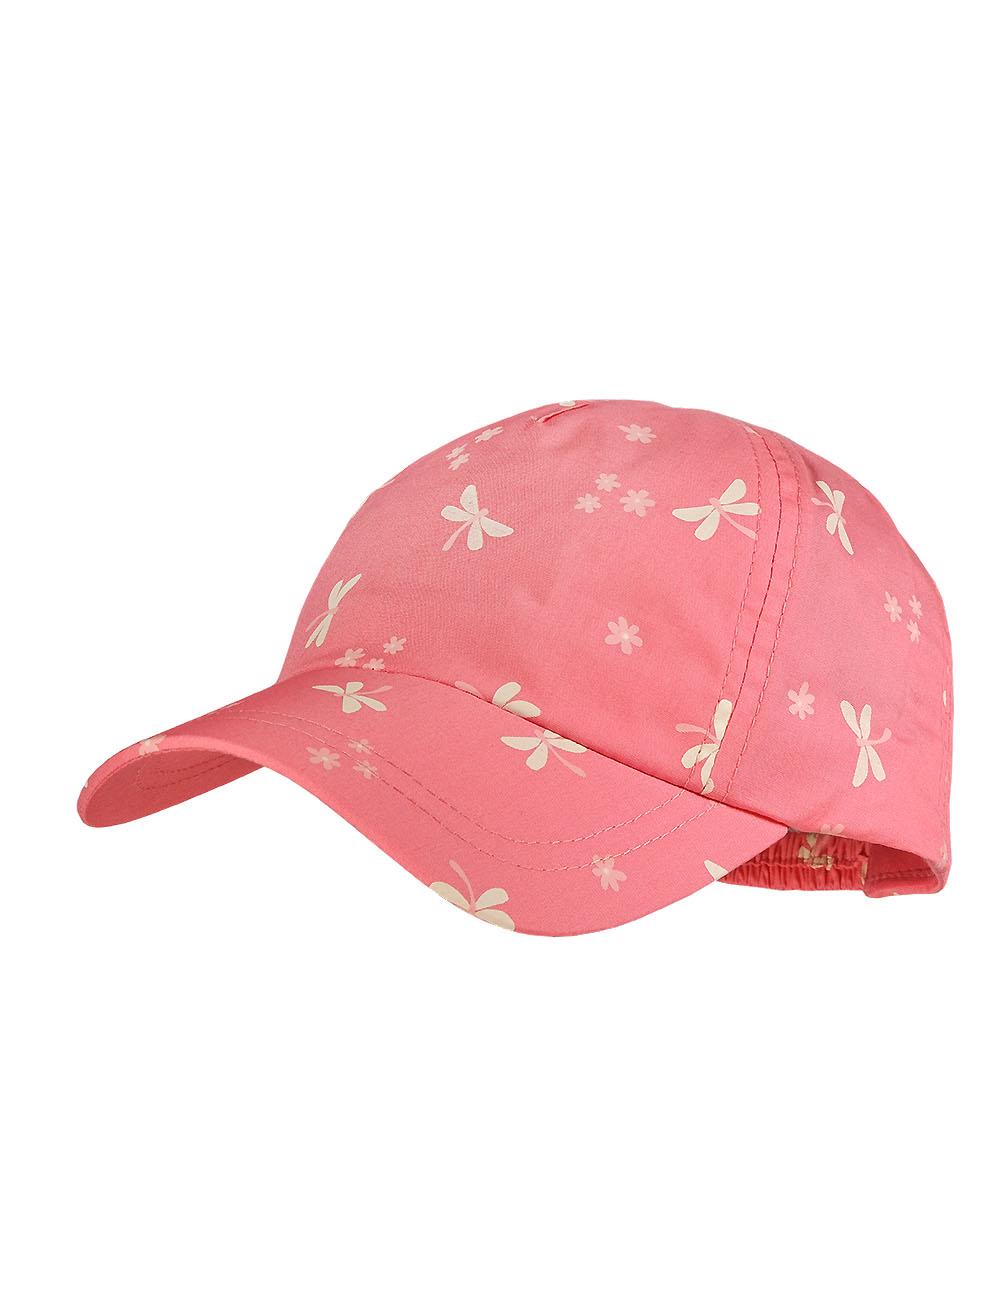 GIRL-Cap, Libelle 47 Maximo. Farbe: flamingo, Größe: 47/49